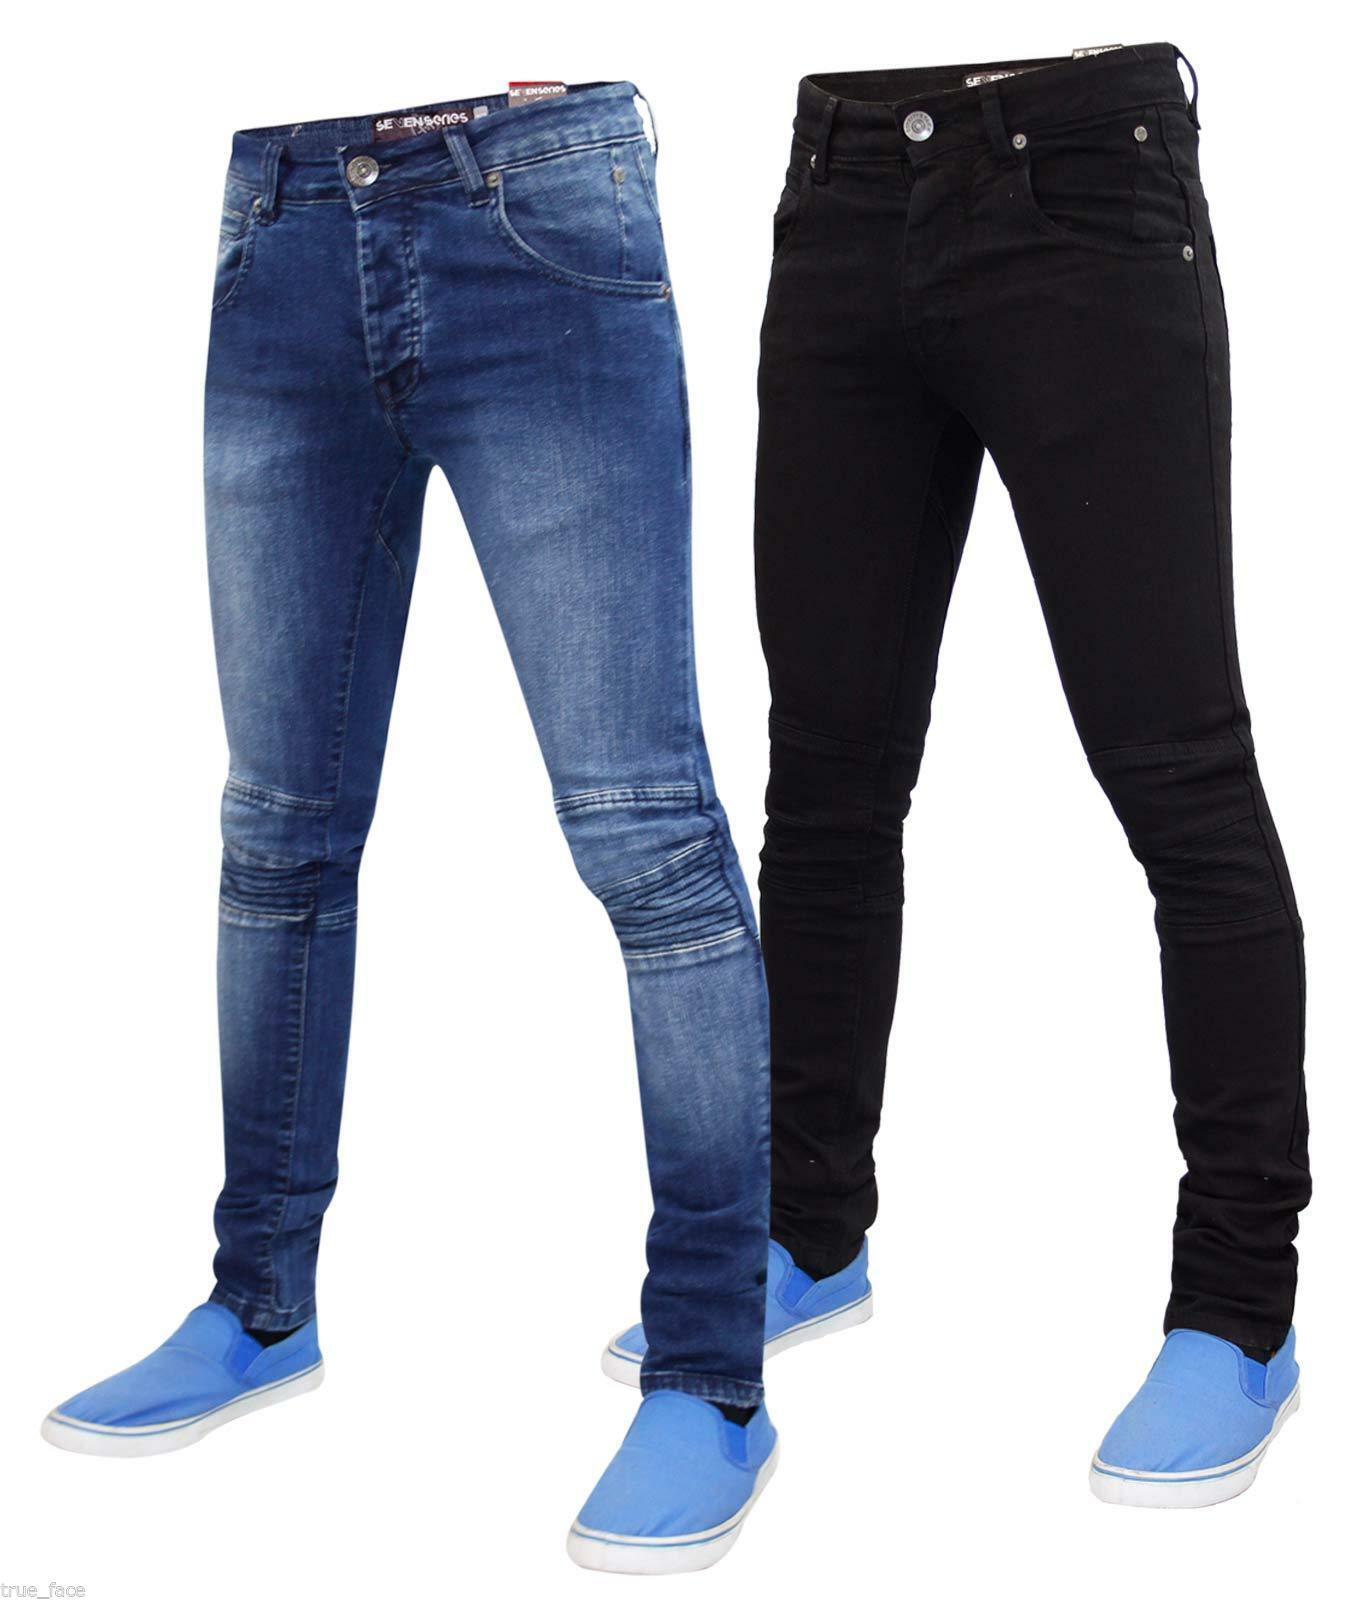 Mens Skinny Jeans Slim Fit Stretch Biker Denim Cotton Trousers Pants All Waist